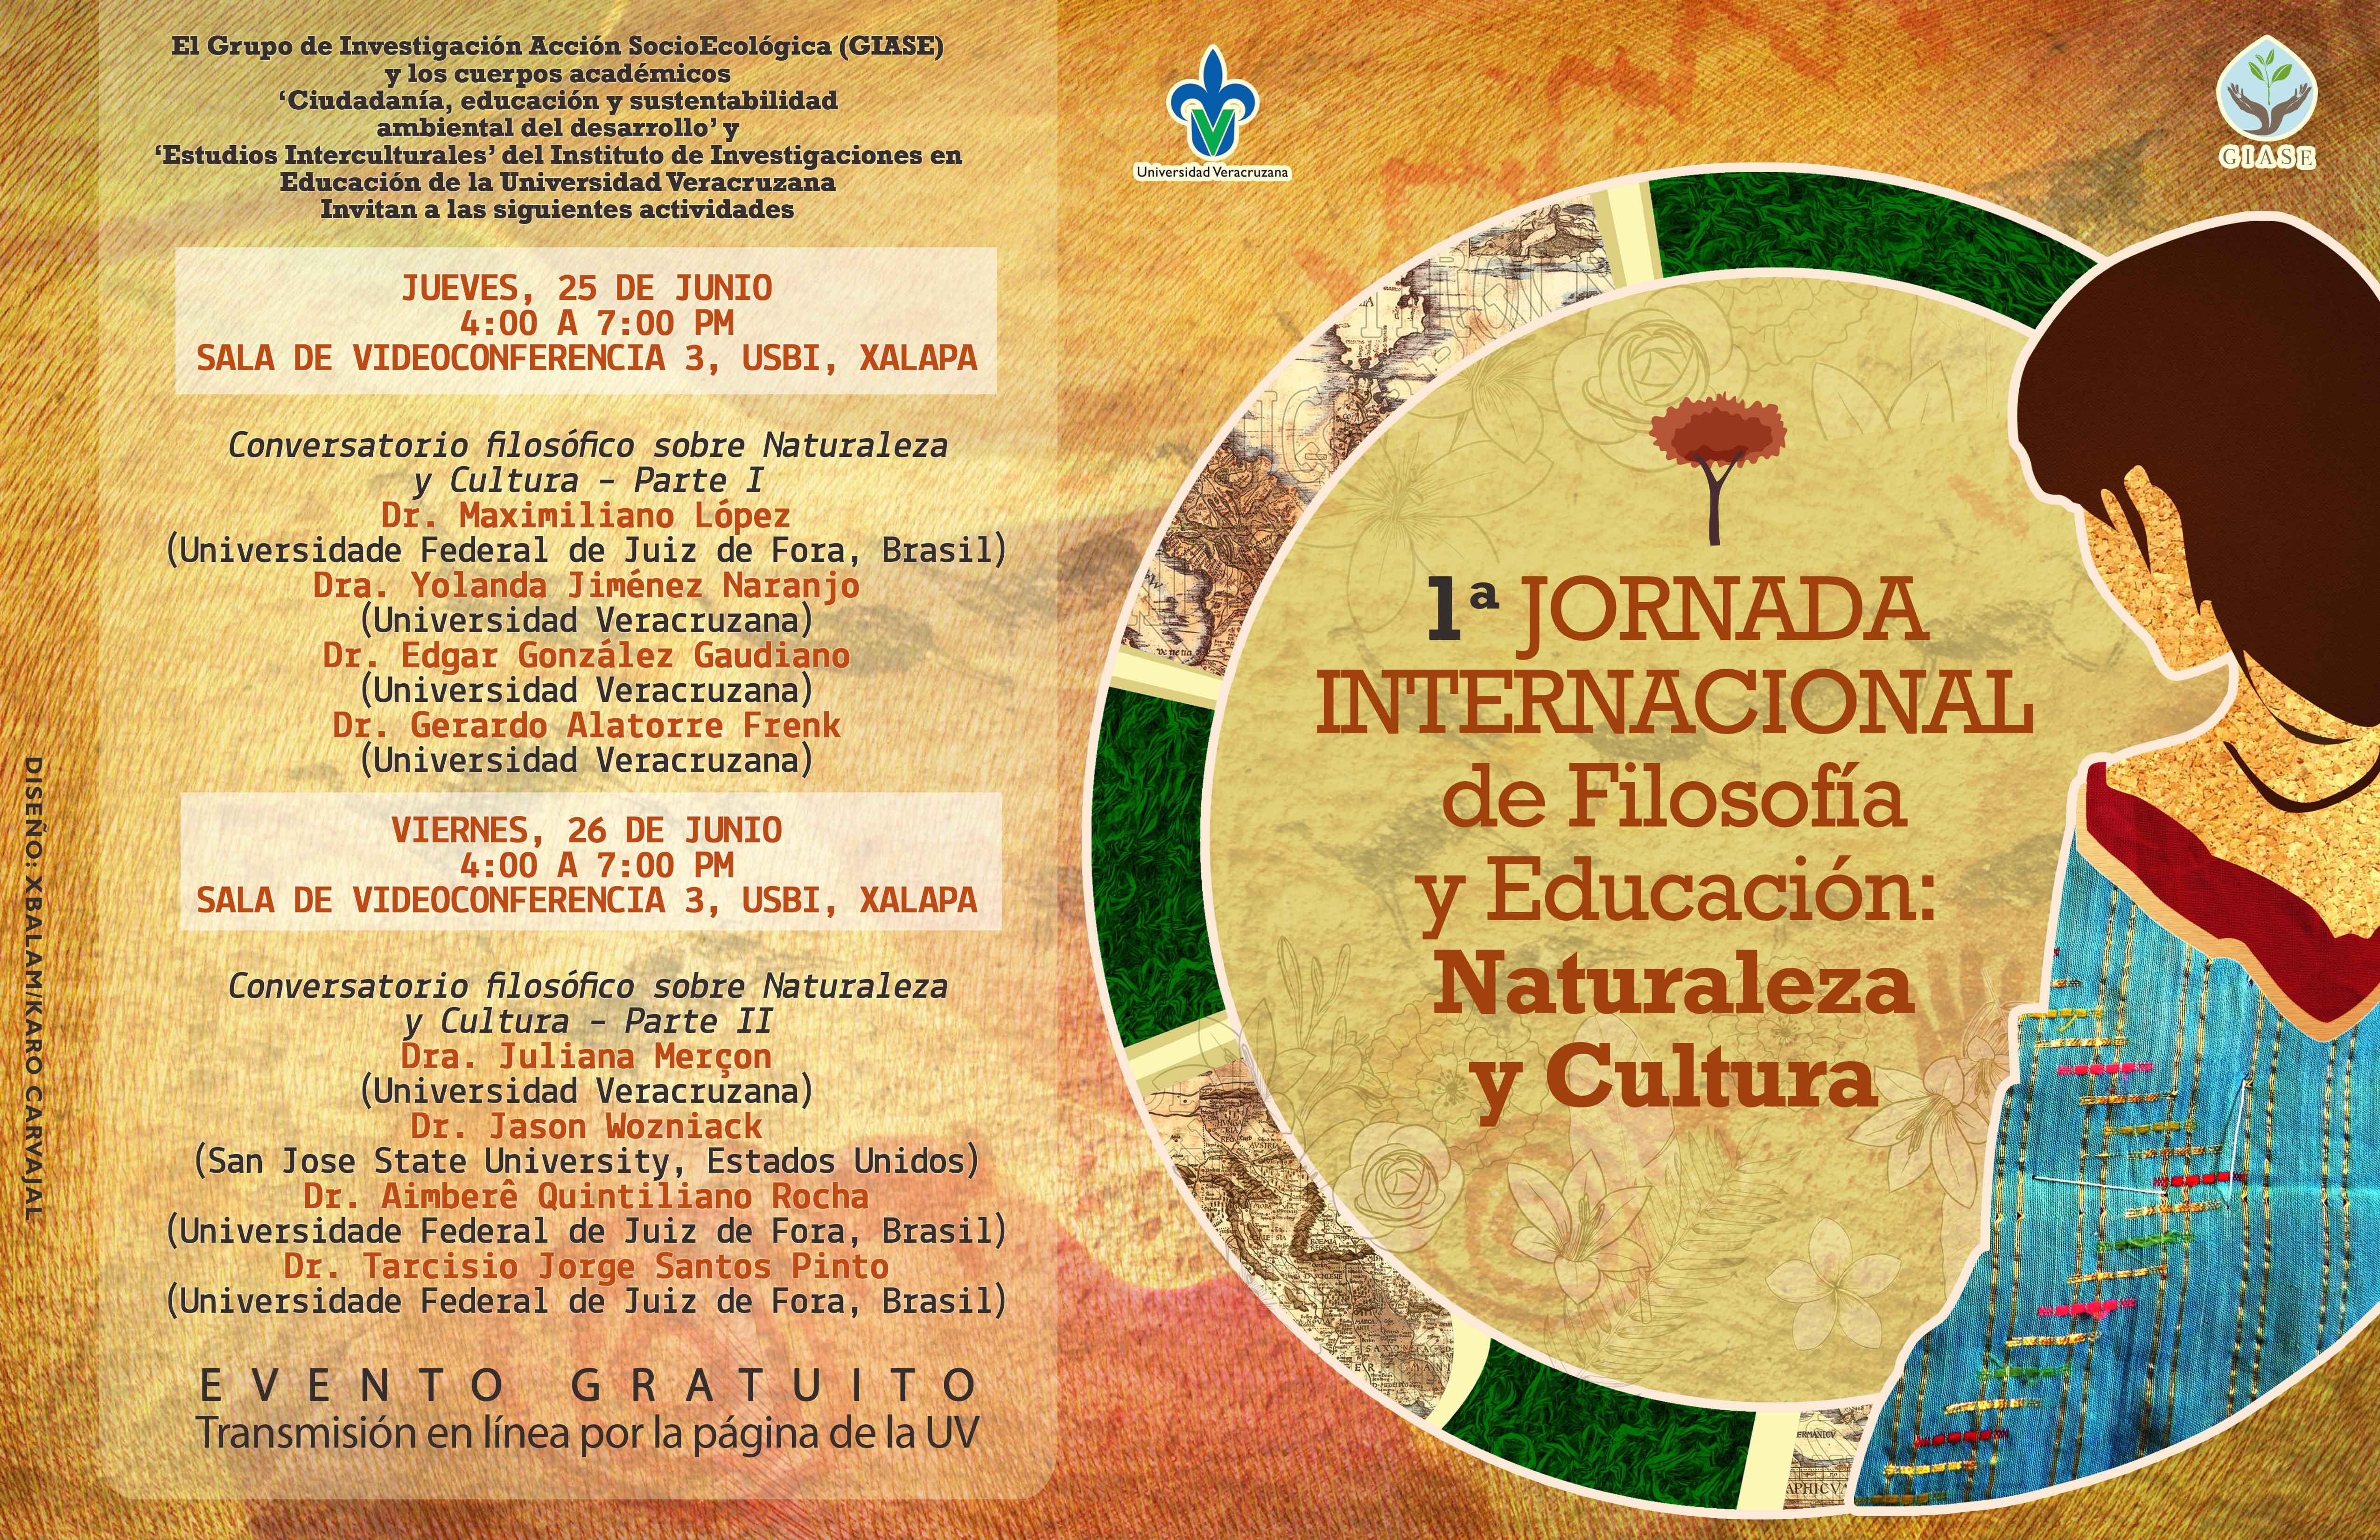 jornada25-26_junio_naturalezacultura